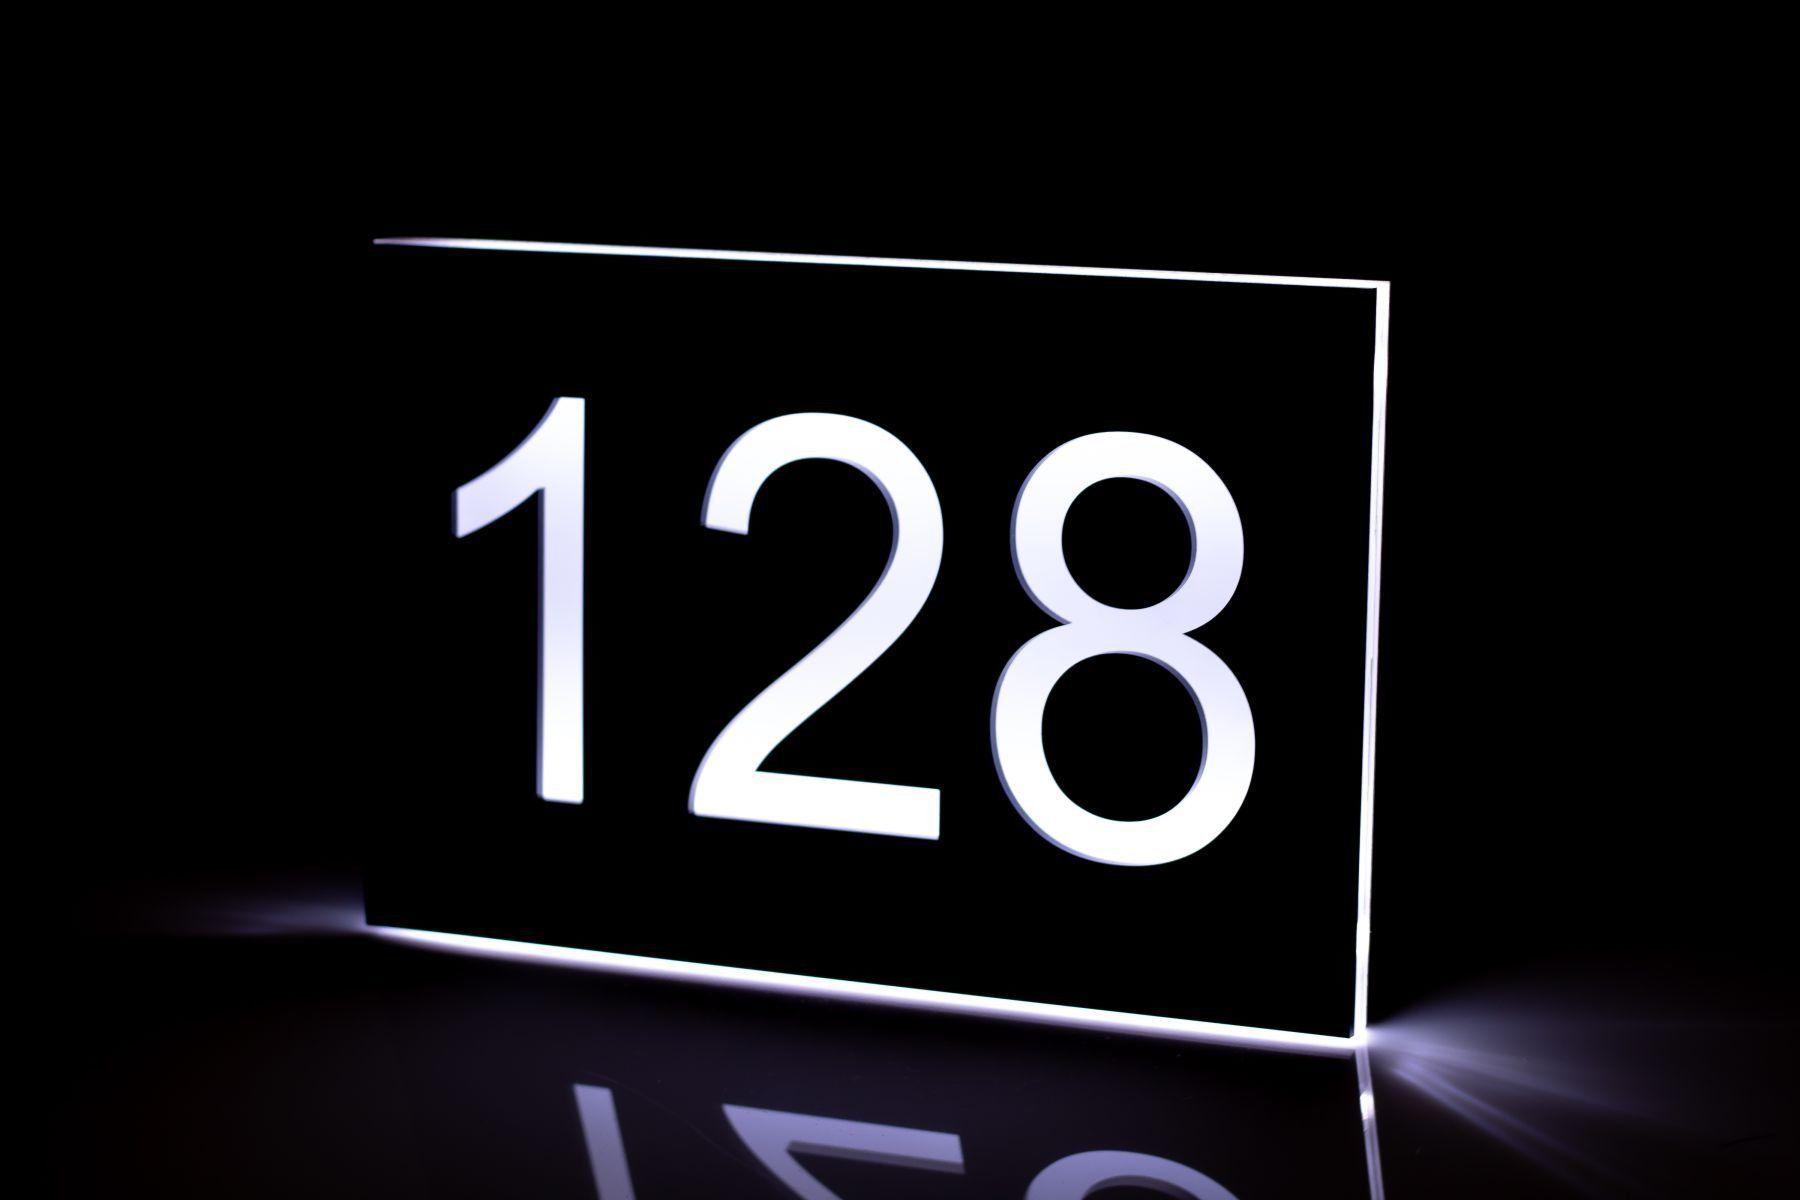 Moderne Hausnummer Mit Led Beleuchtung Und Gravur 30x20 Cm Gravuru De In 2020 Hausnummern Moderne Hausnummern Led Beleuchtung